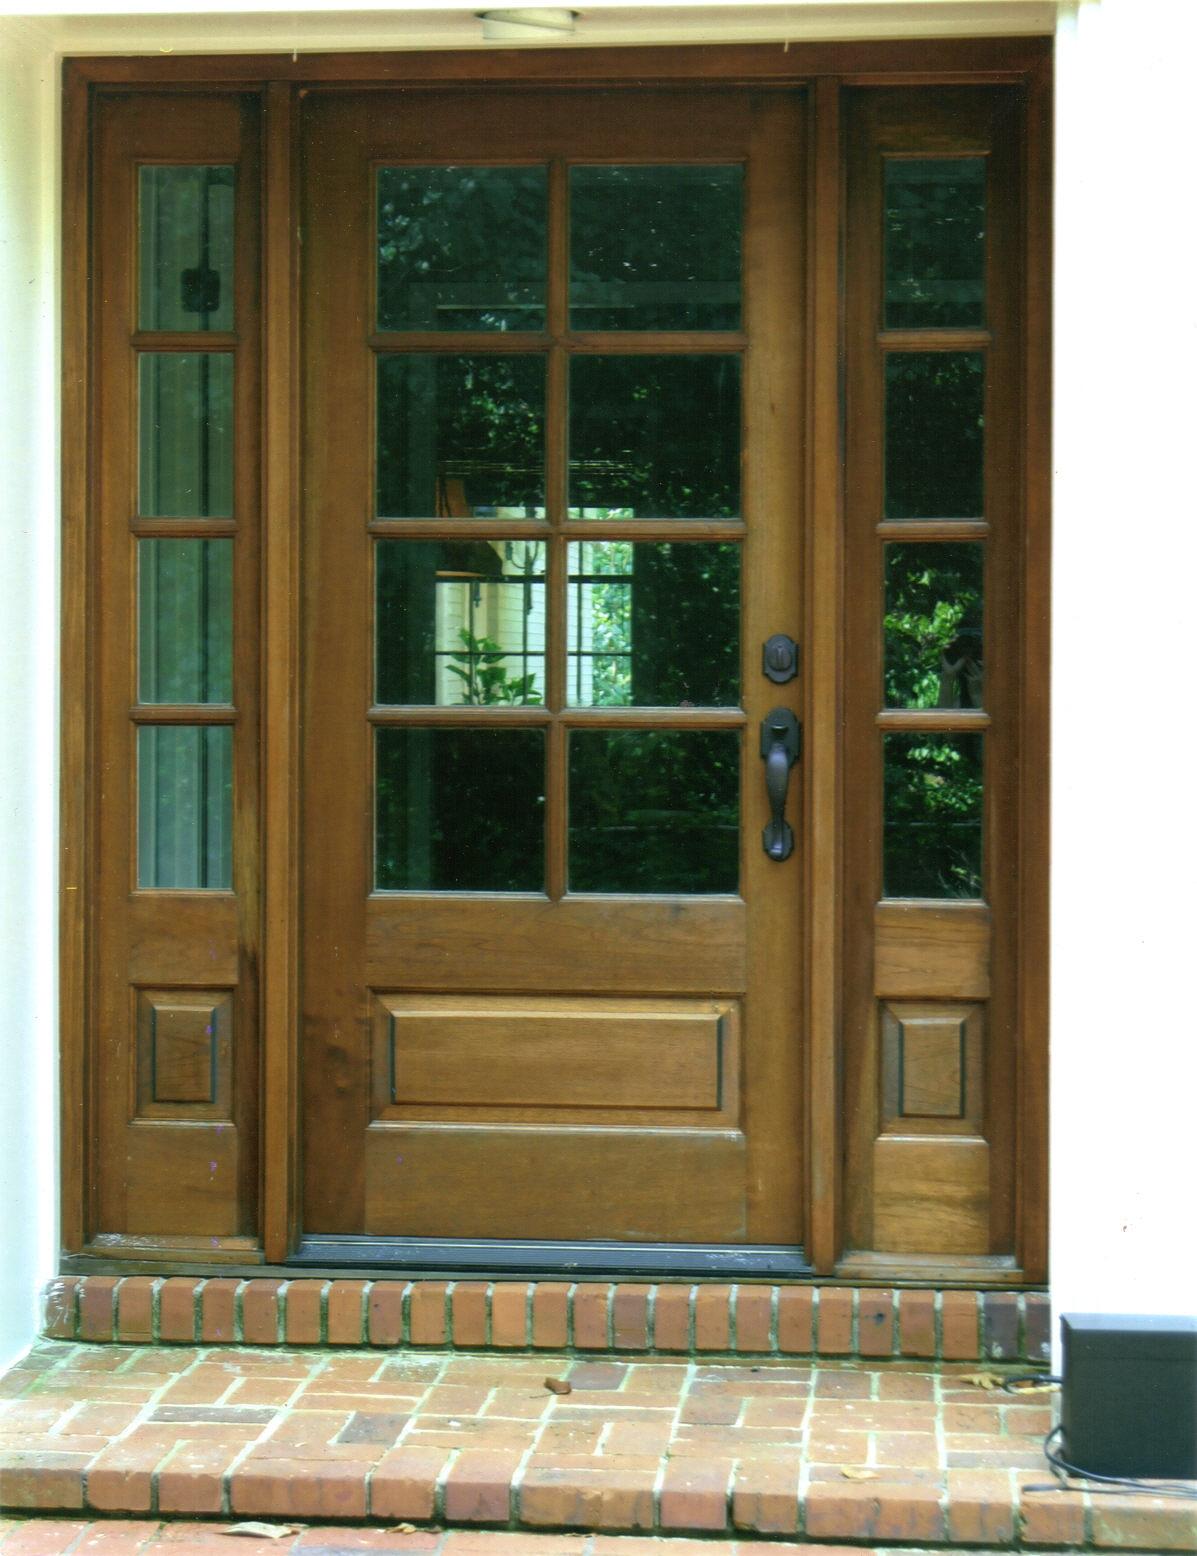 Cedar Front Door Btcafo Examples Doors Designs Ideas 15563733198501201197  Grassroots Doors And Woodworking Gallery 634923 Cedar